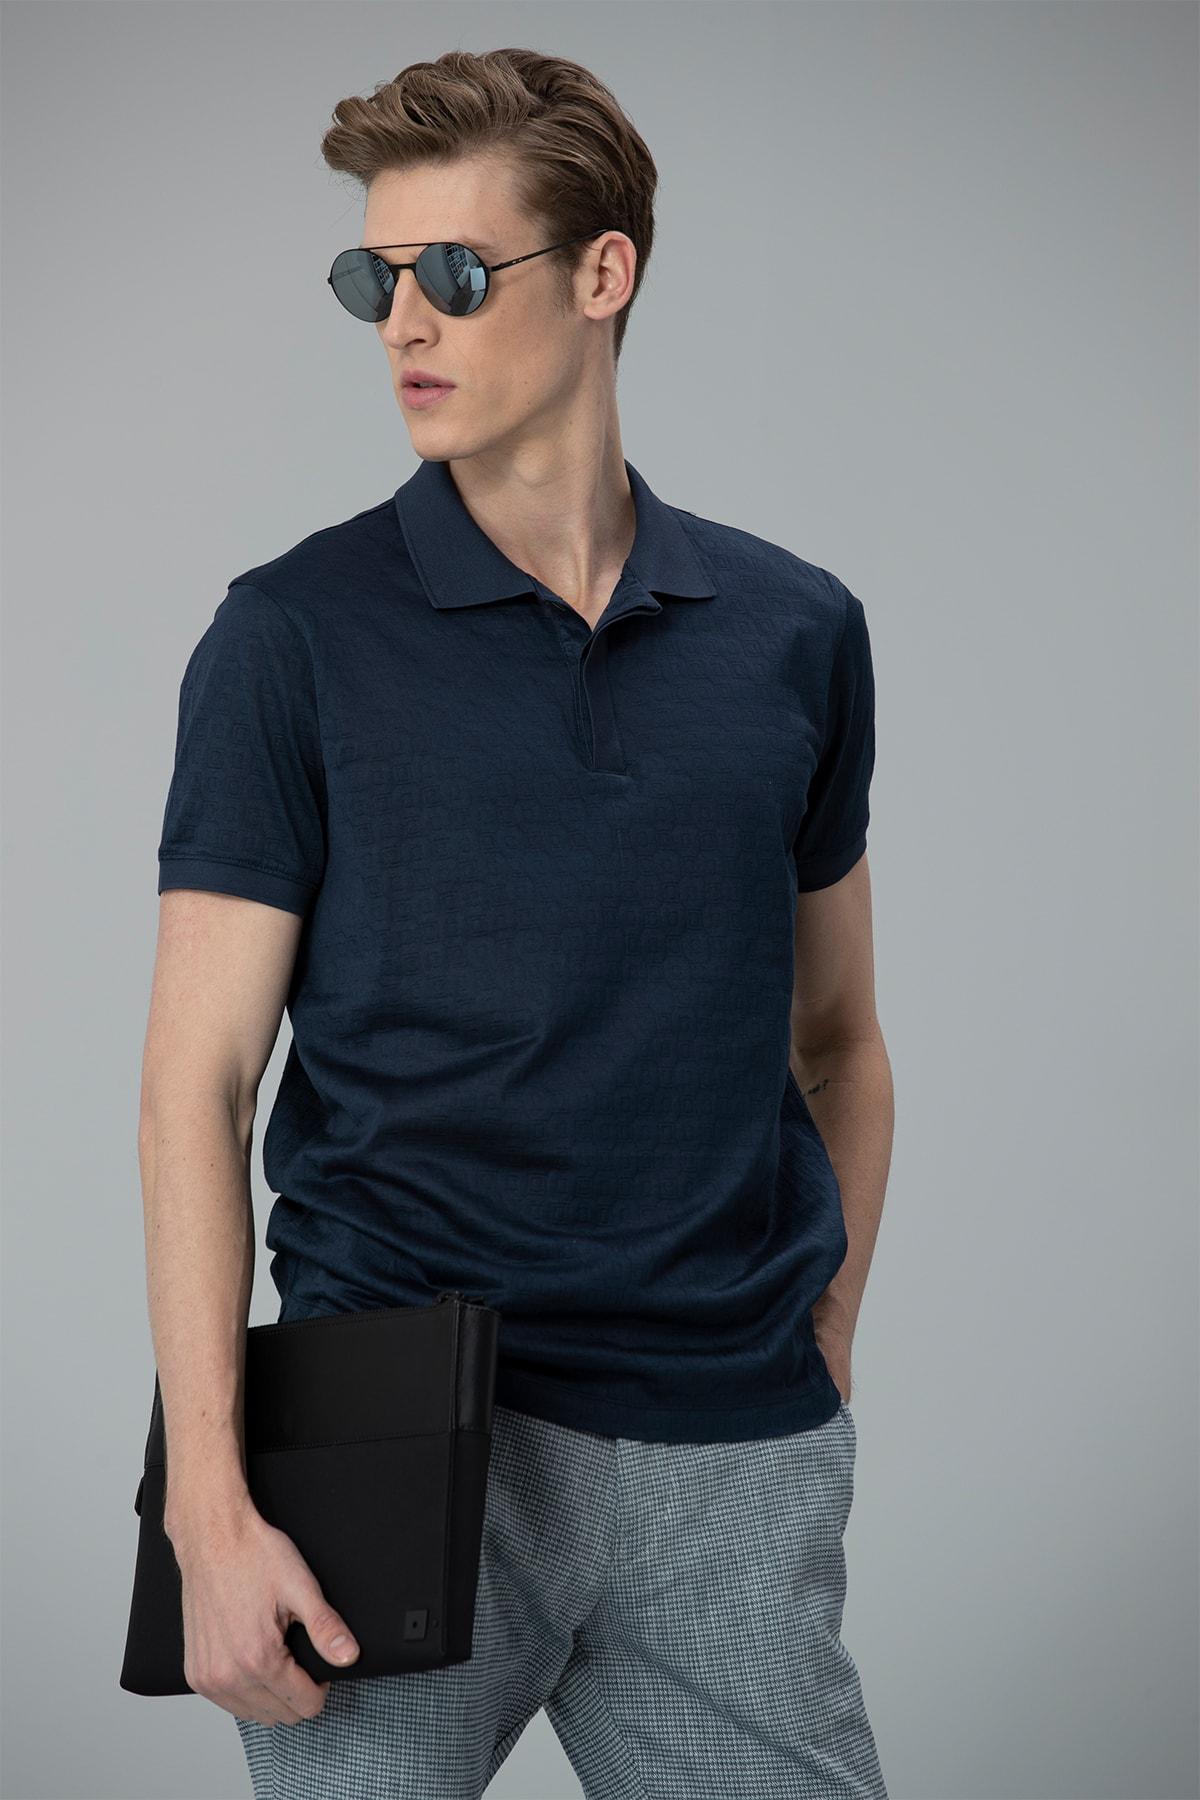 Lufian Clar Spor Polo T- Shirt Lacivert